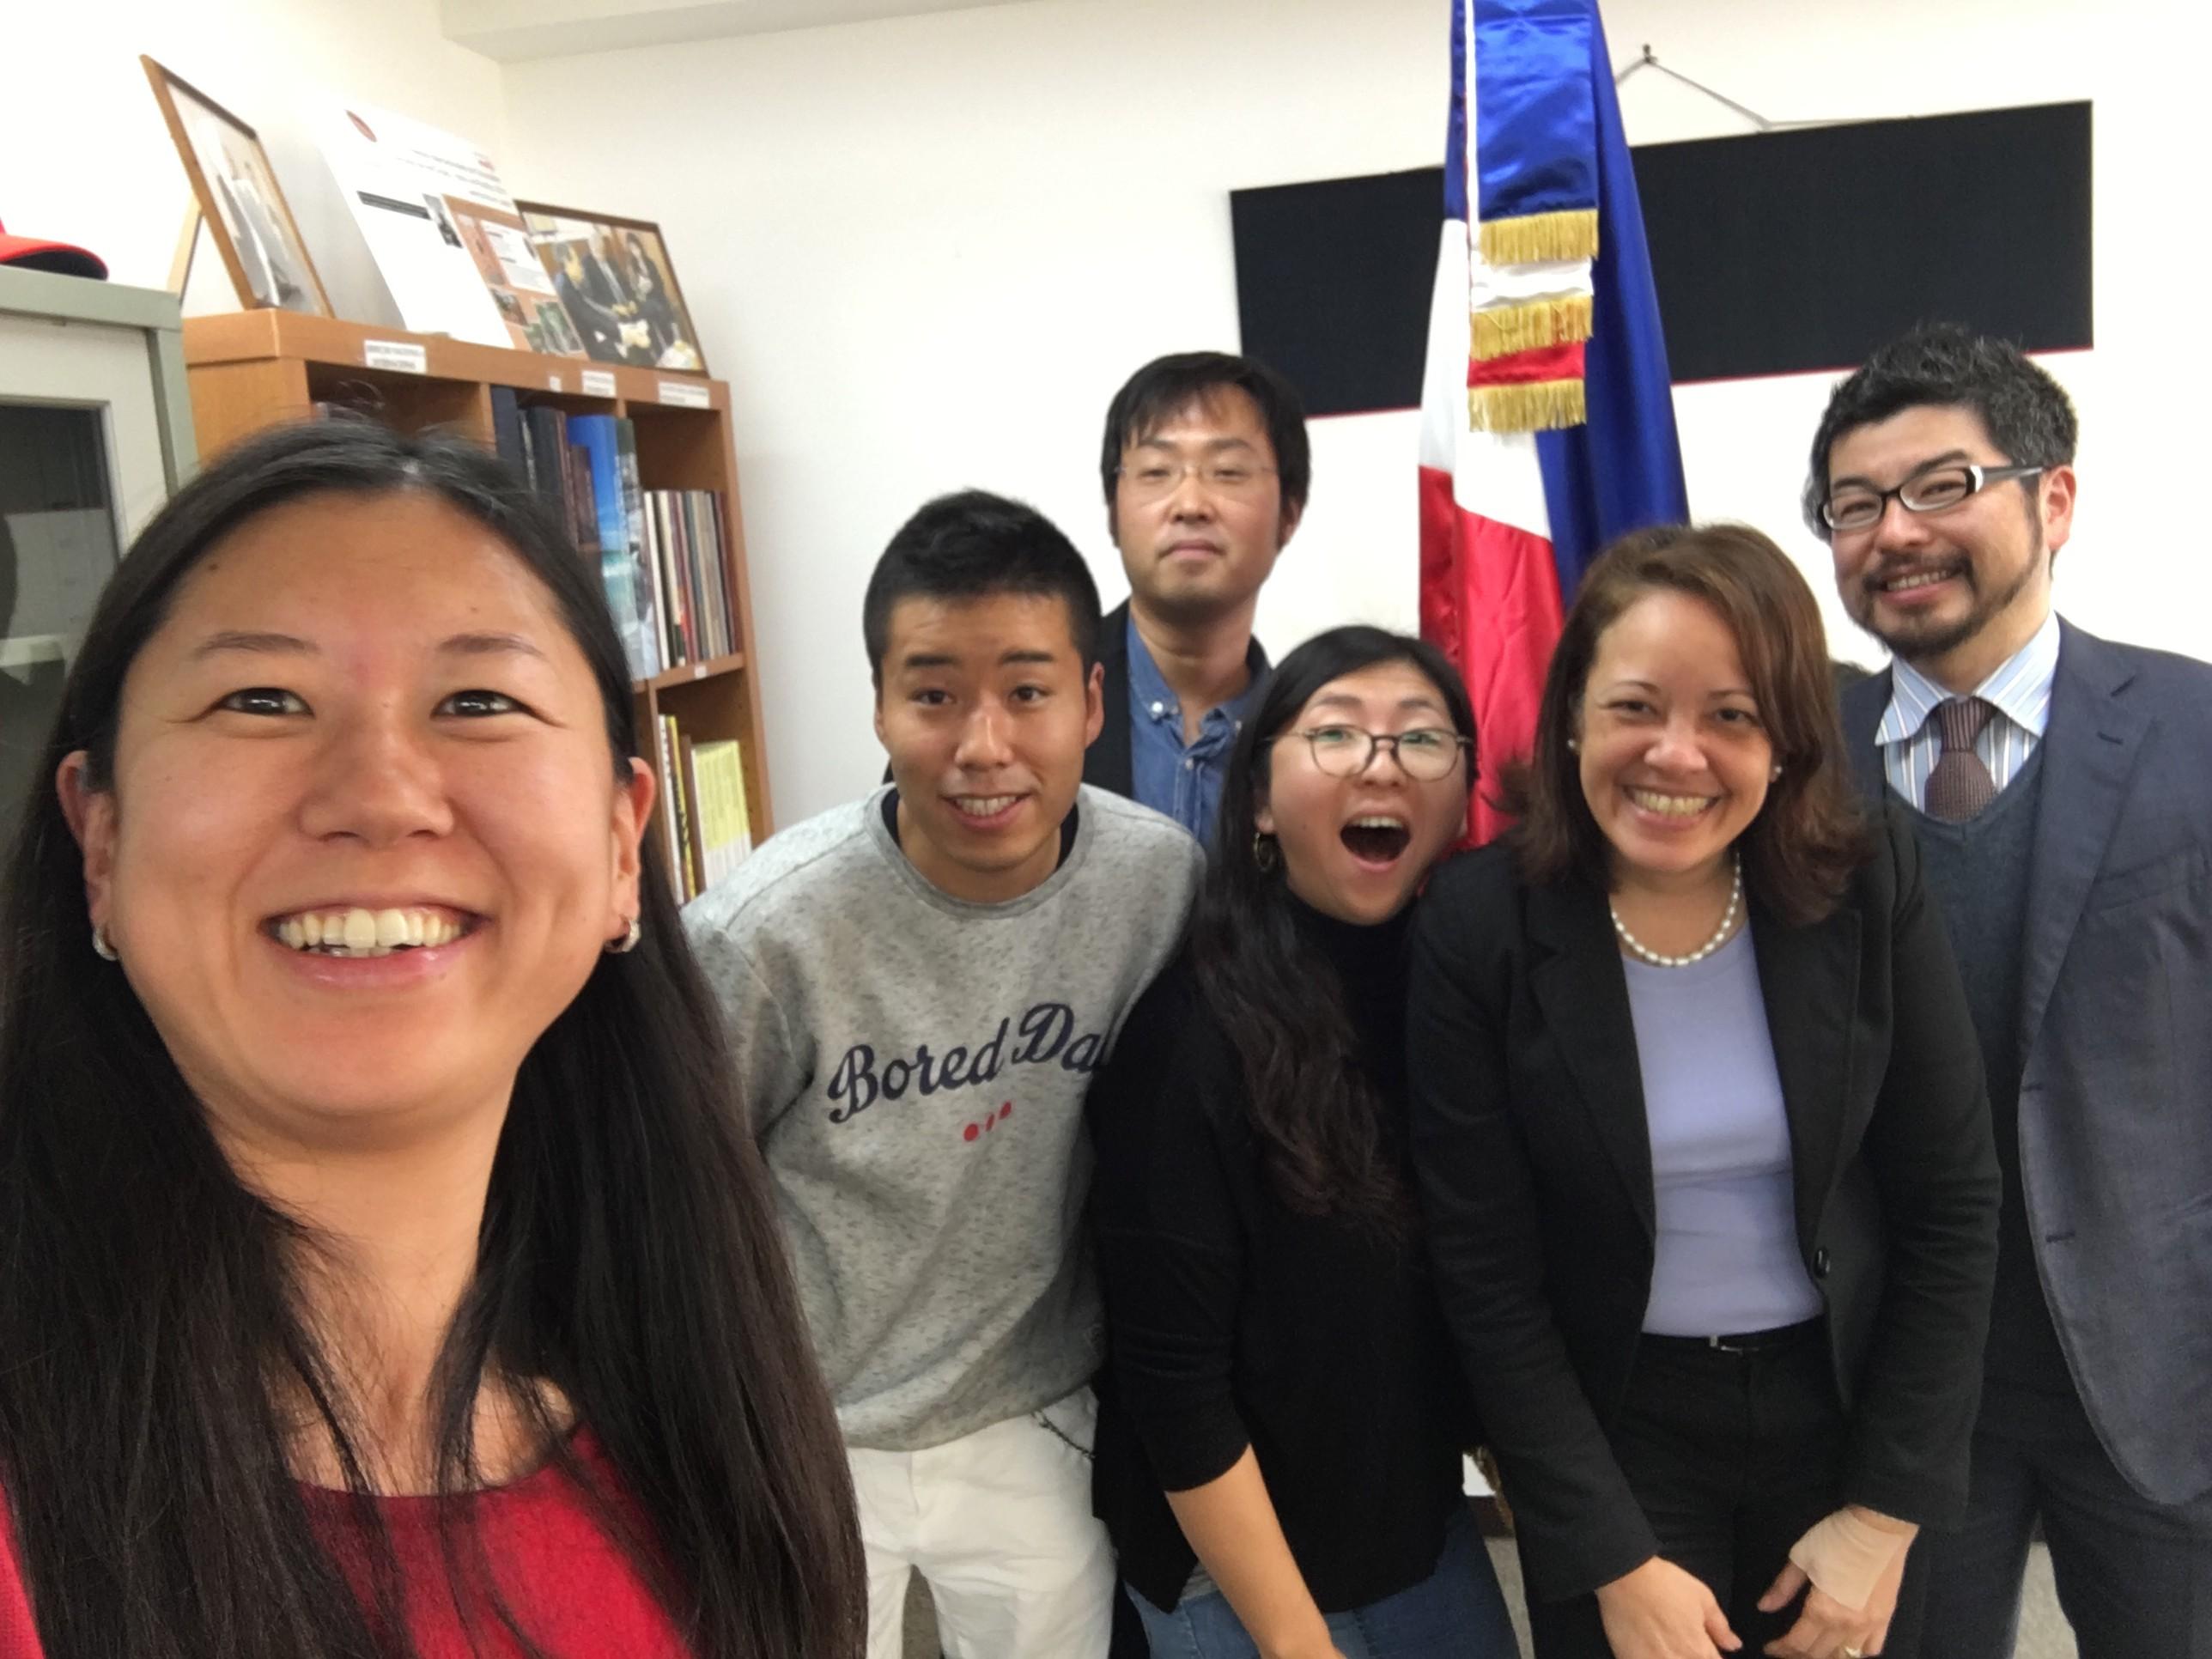 JICAボランティアの皆様の帰国報告(Visita de cortesía por los voluntarios de JICA a la Embajada Dominicana)